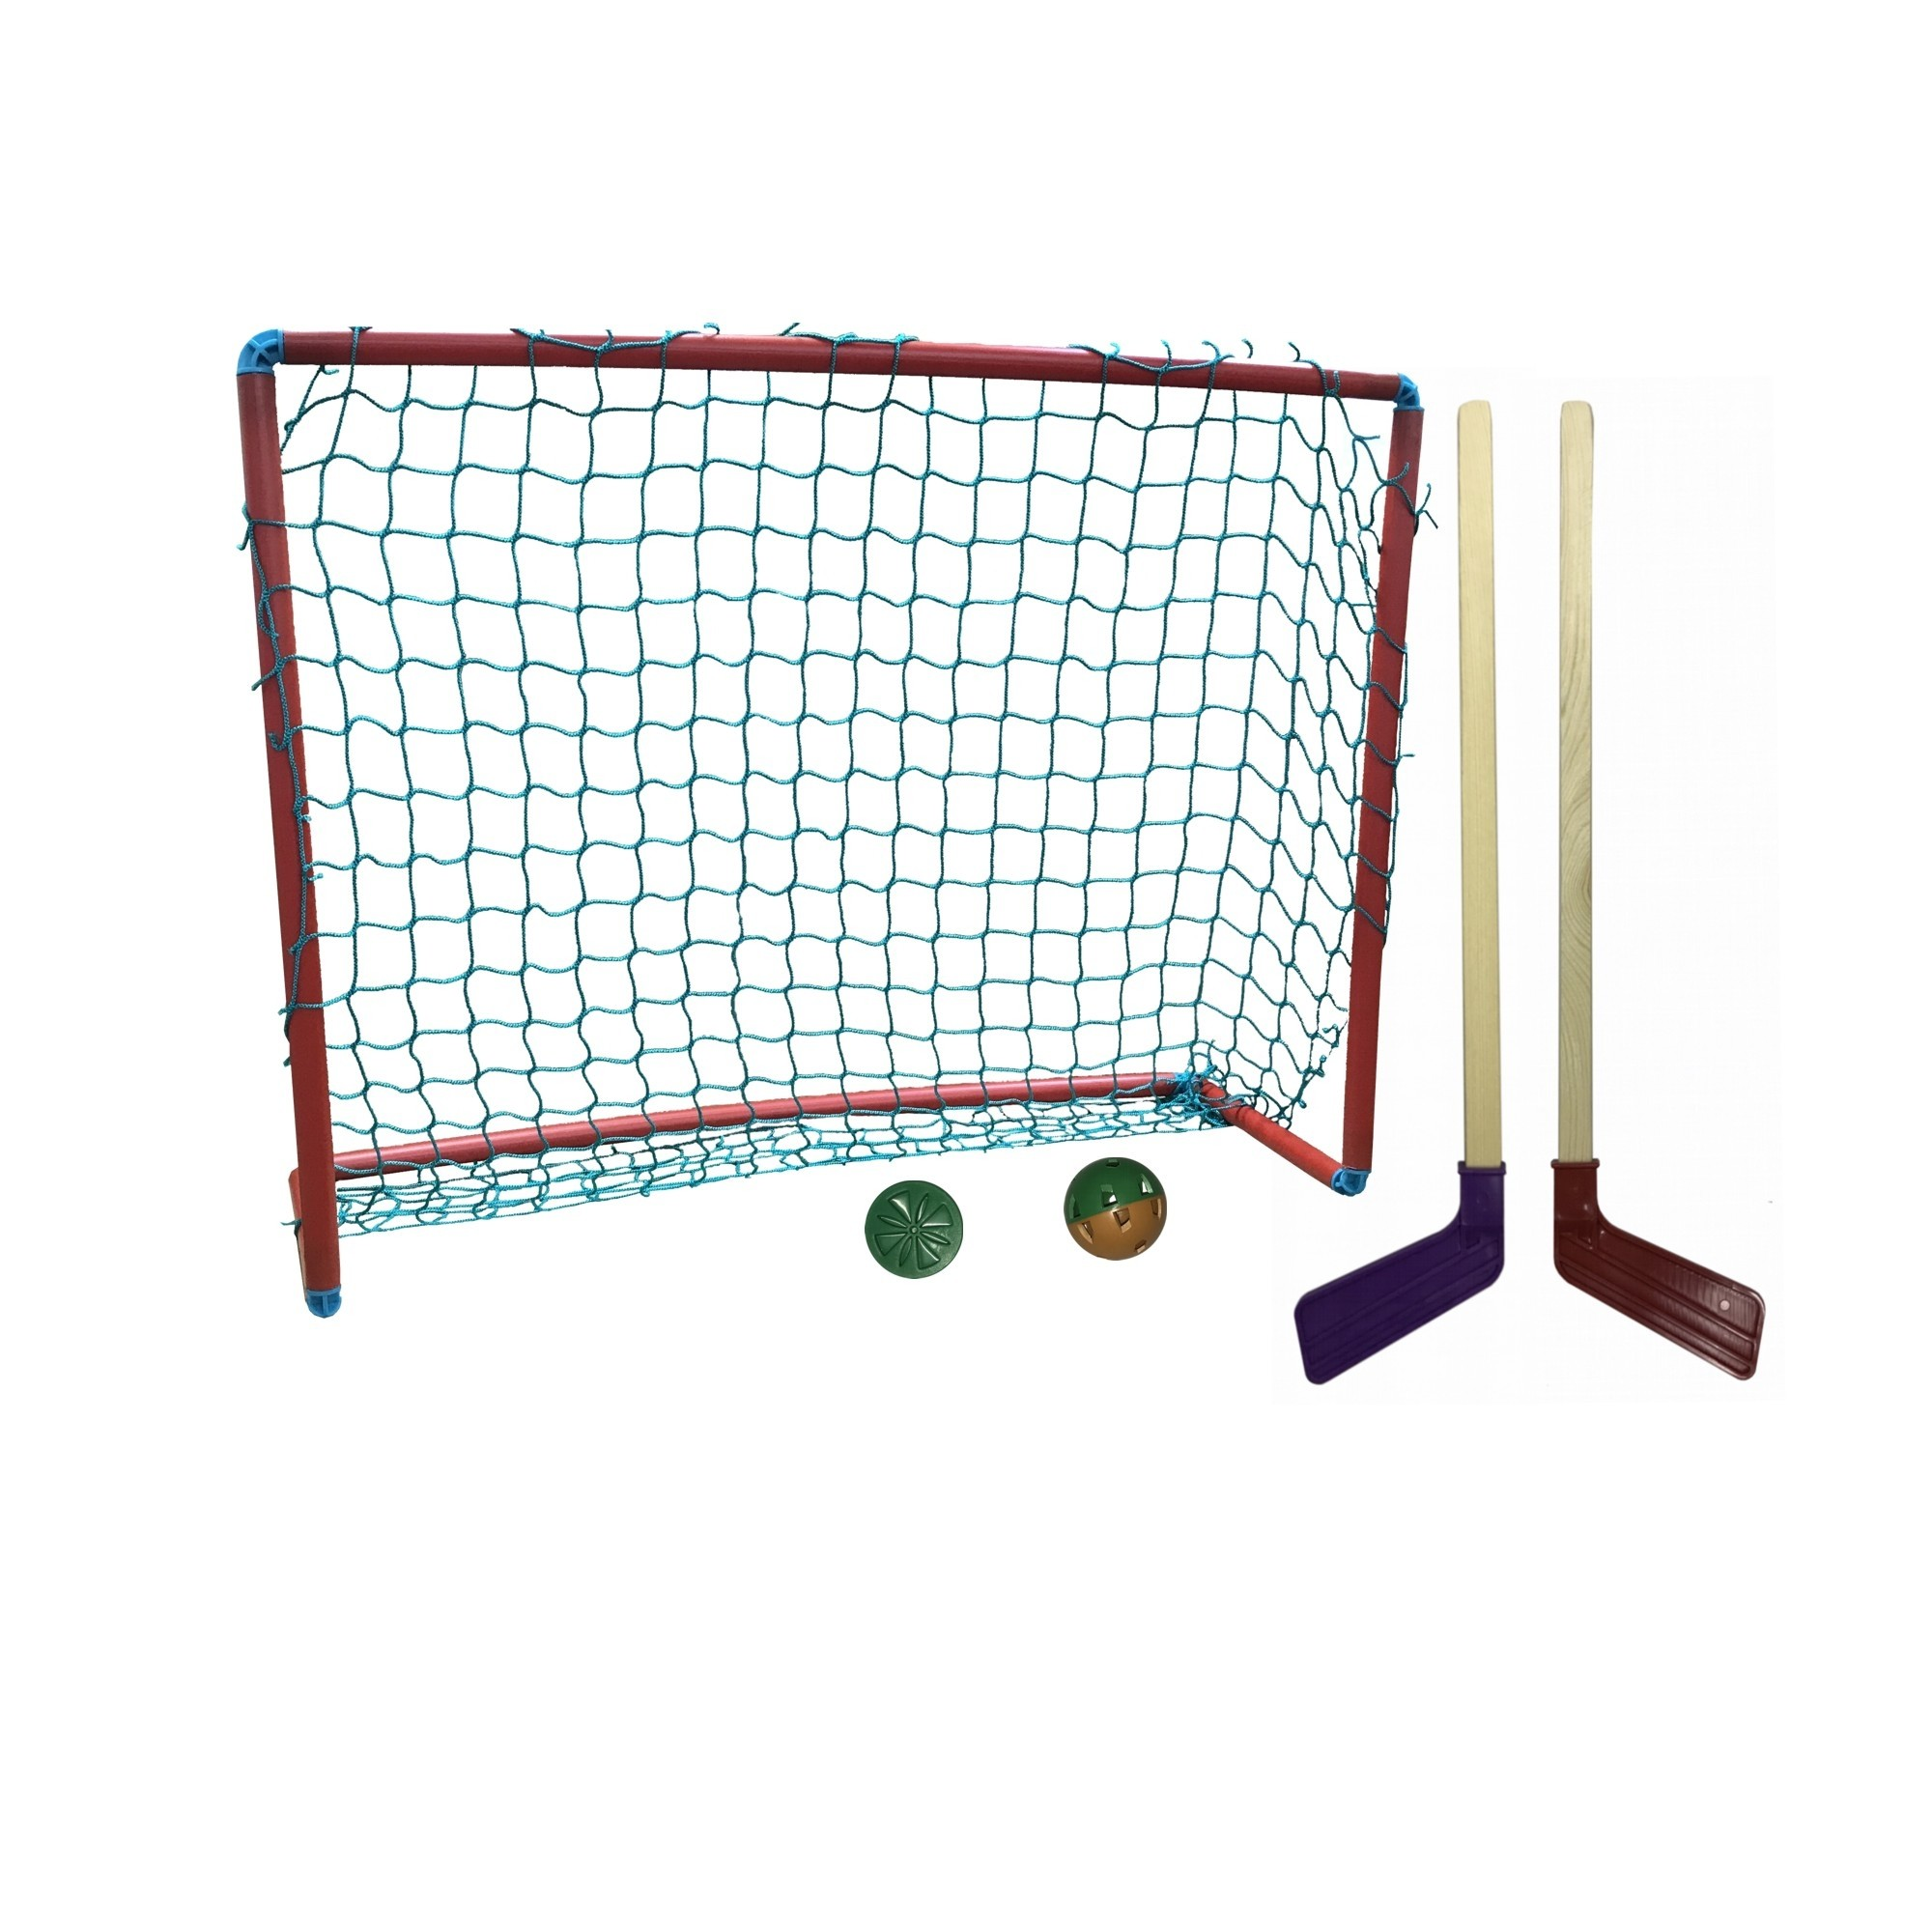 Купить Хоккейные клюшки и шайбы, 12-3.Хок.наб(2кшмв), 1шт., ASE-SPORT 12-3.Хок.наб(2кшмв), Россия, в ассортименте